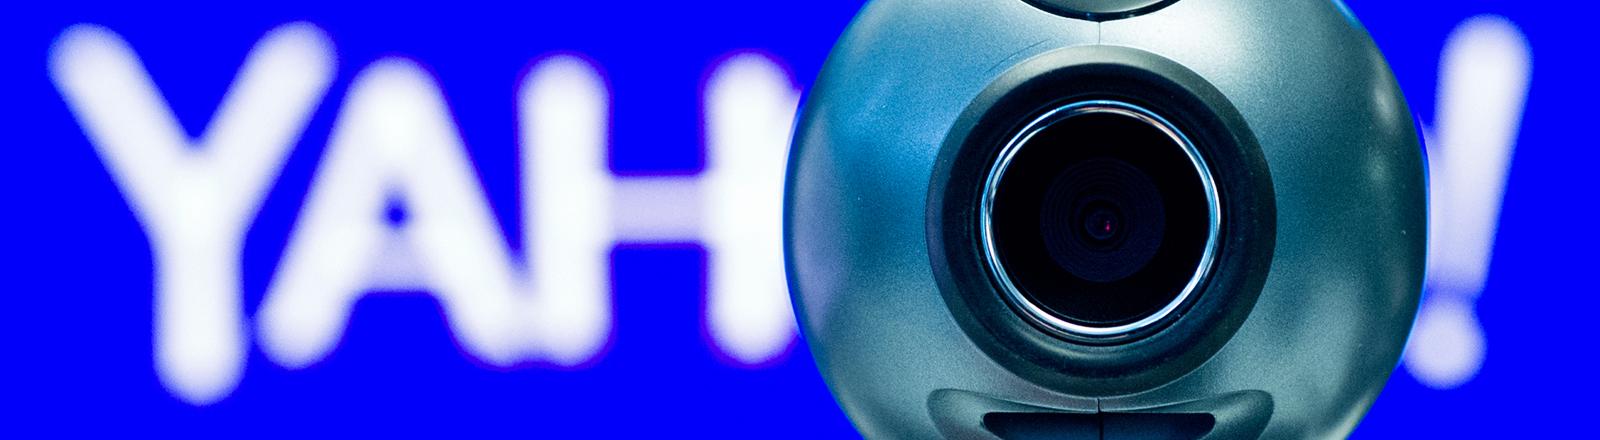 Eine Webcam steht am 28.02.2014 in Berlin vor dem Logo vom Internetunternehmen Yahoo (dpa).